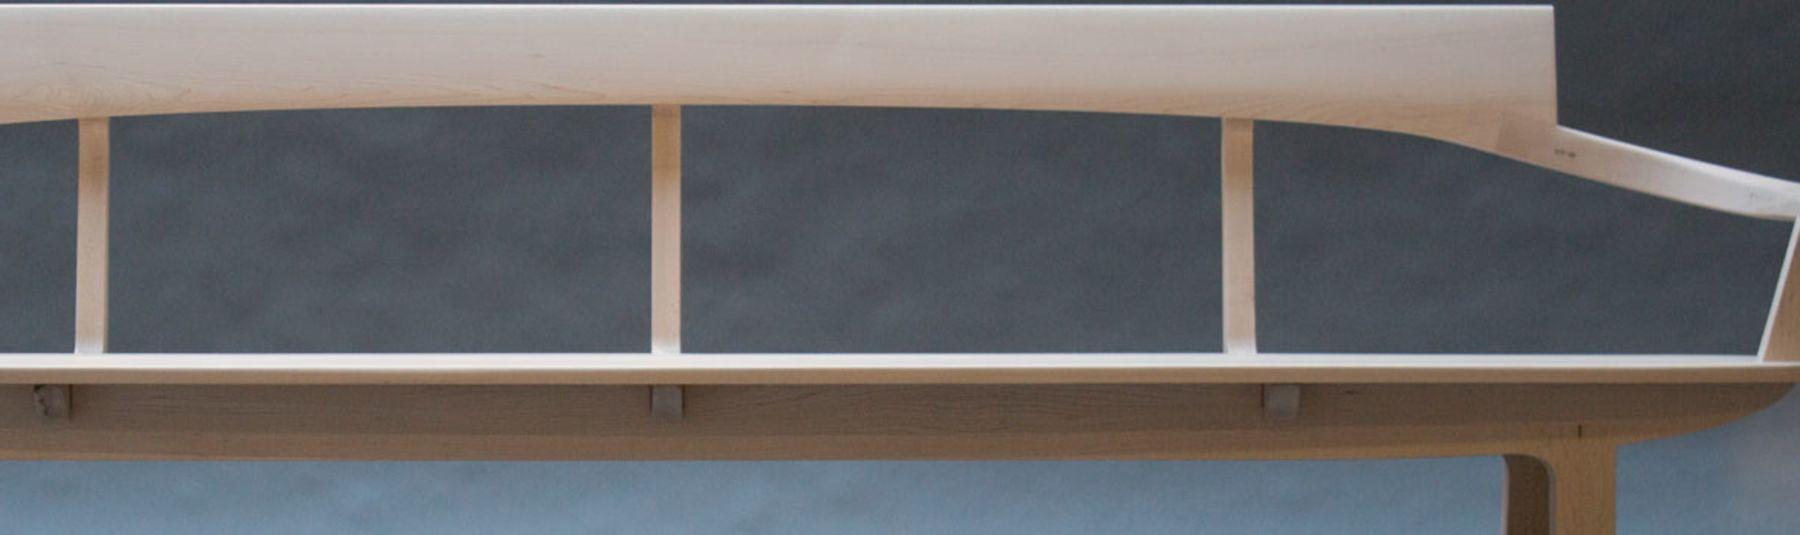 ma design (ceramics); ma design (furniture); ma design